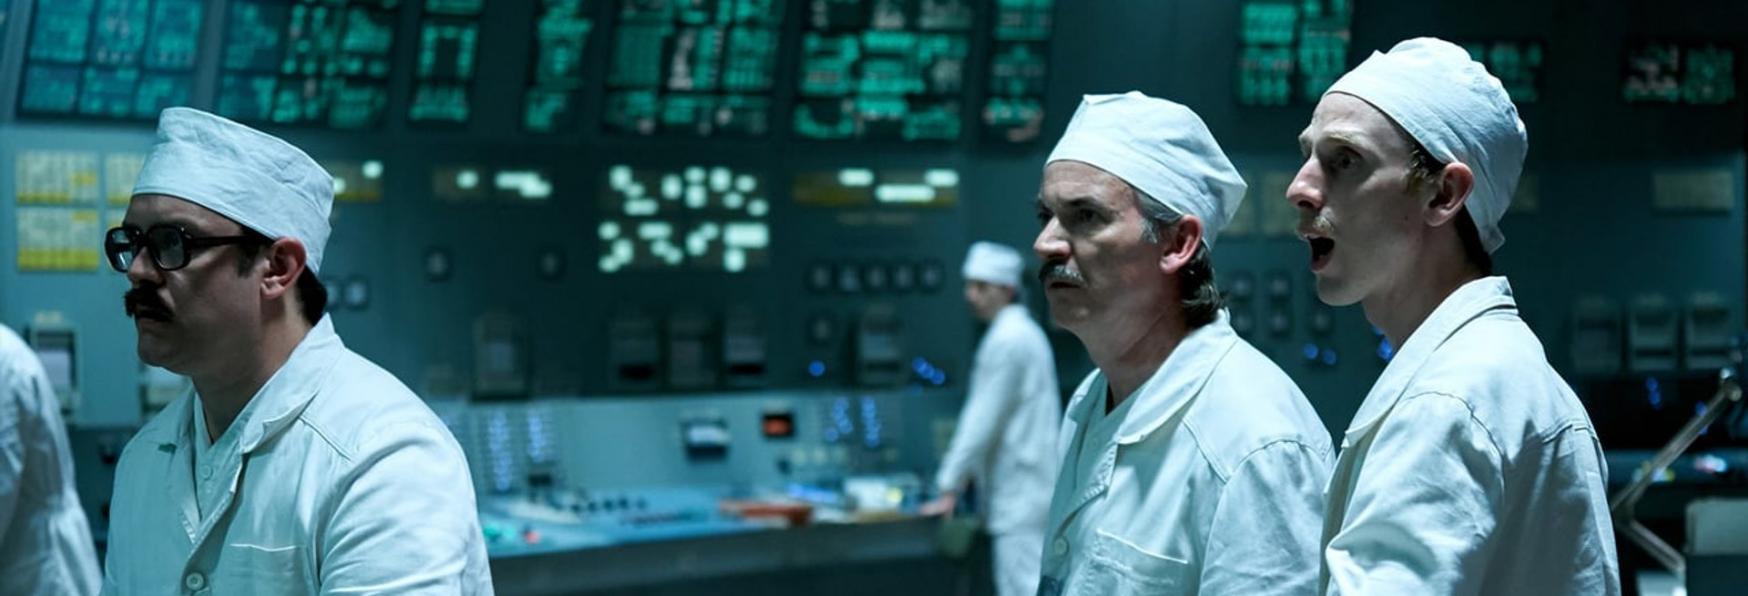 Chernobyl: la Recensione dell'Incredibile Miniserie targata HBO sul noto Disastro Nucleare